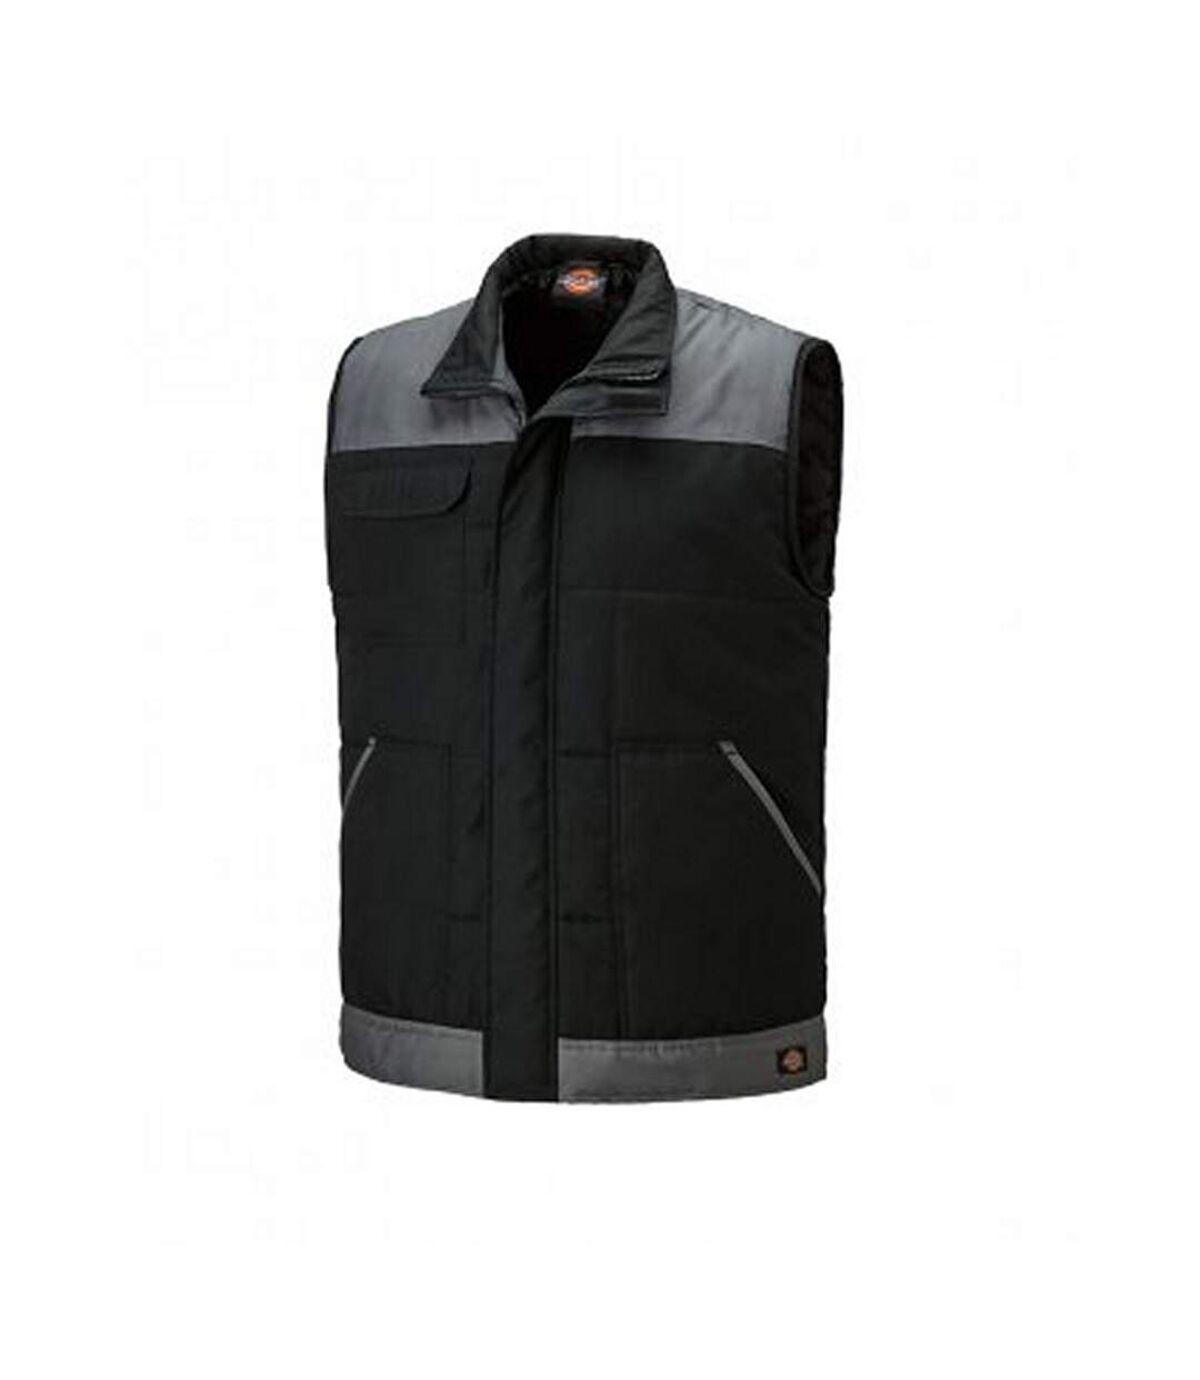 Dickies Mens Everyday Bodywarmer (Grey/Black) - UTPC3050